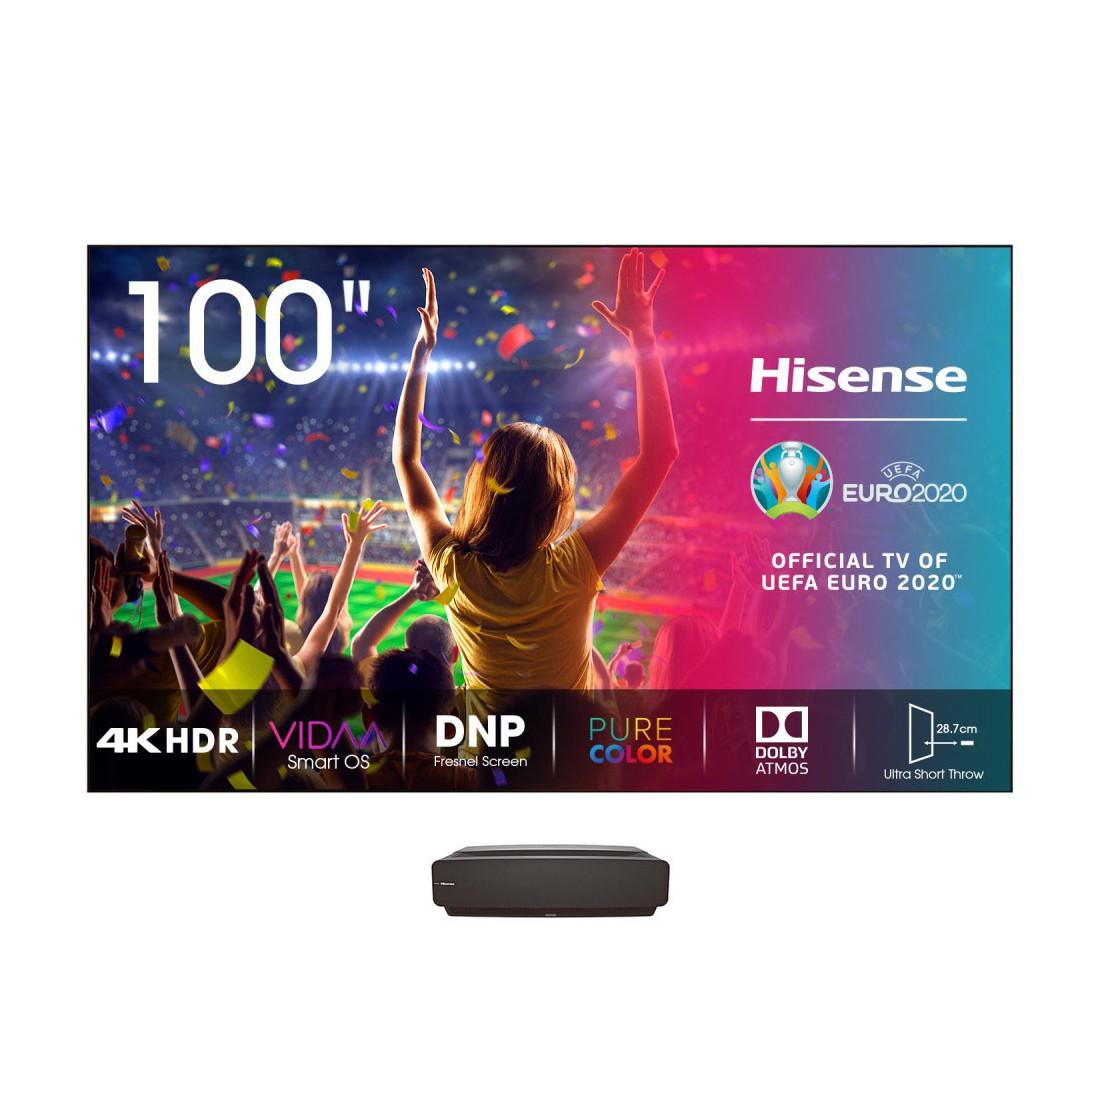 """Láser TV - Hisense 100L5F-A12 100"""" Smart 4K HDR"""